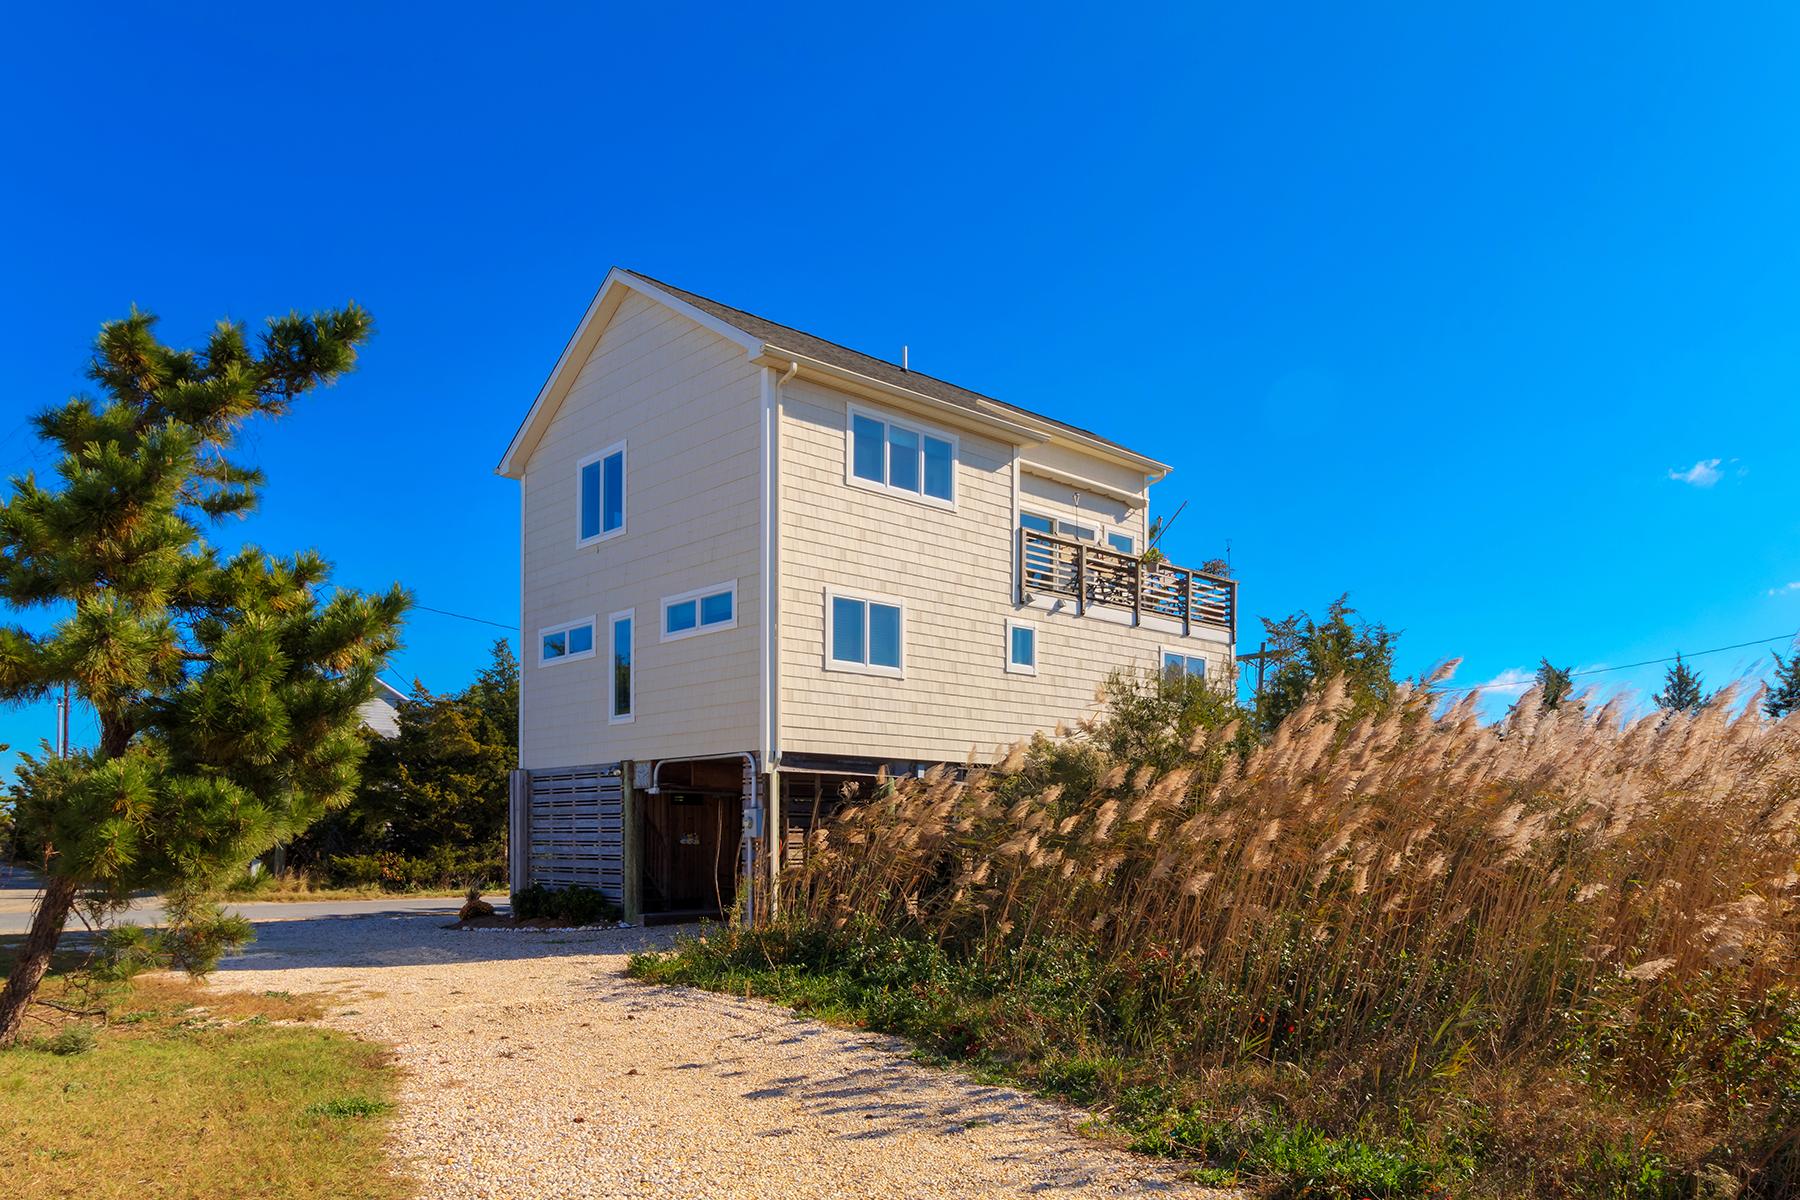 Частный односемейный дом для того Продажа на 401 S Bay Shore Dr , Milton, DE 19968 Milton, 19968 Соединенные Штаты